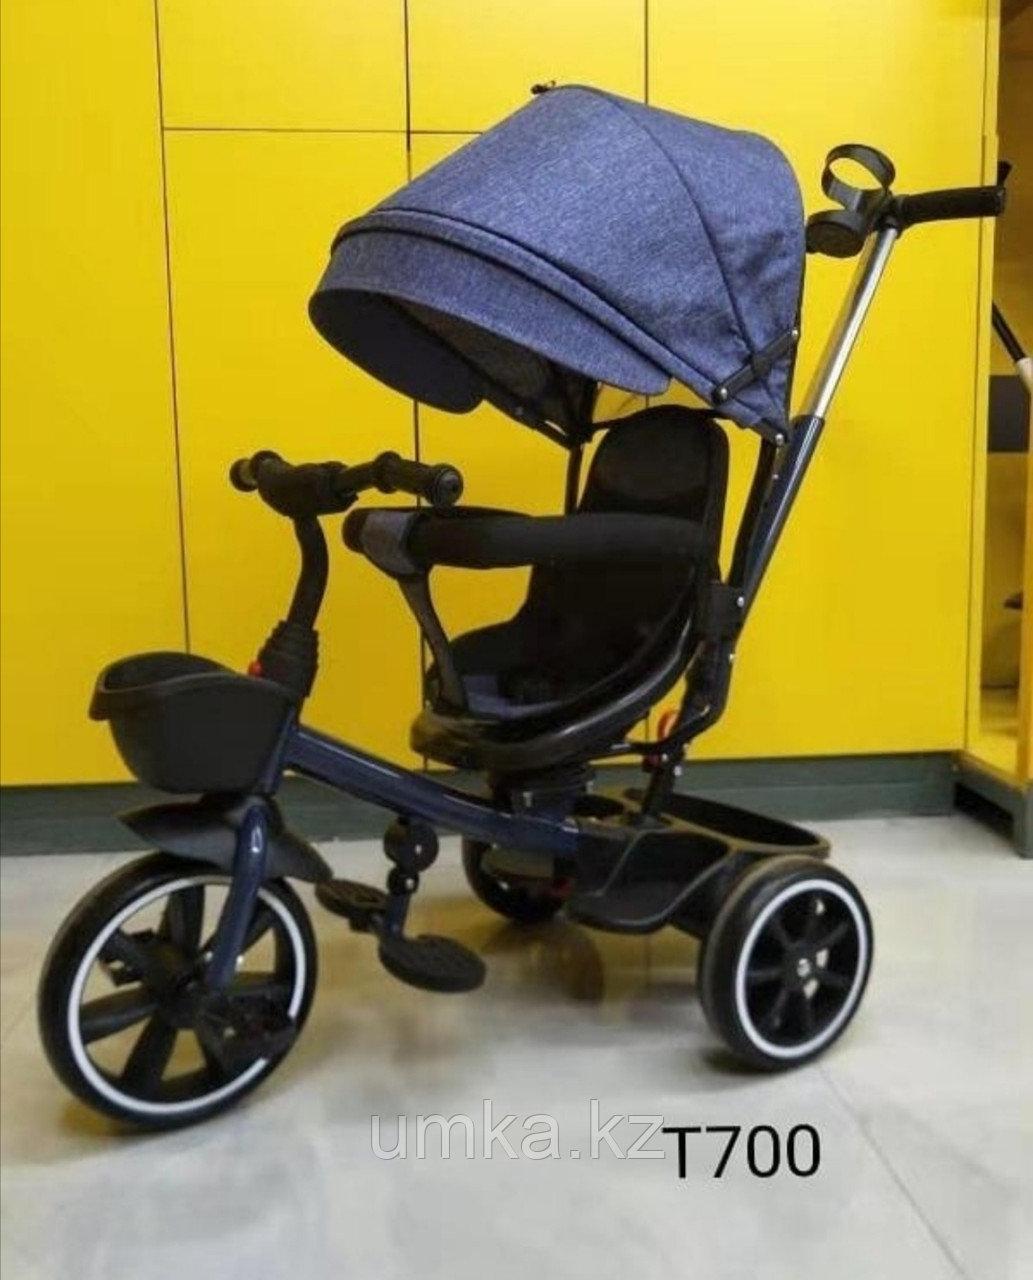 Трёхколёсный велосипед с поворотным сиденьем Т700